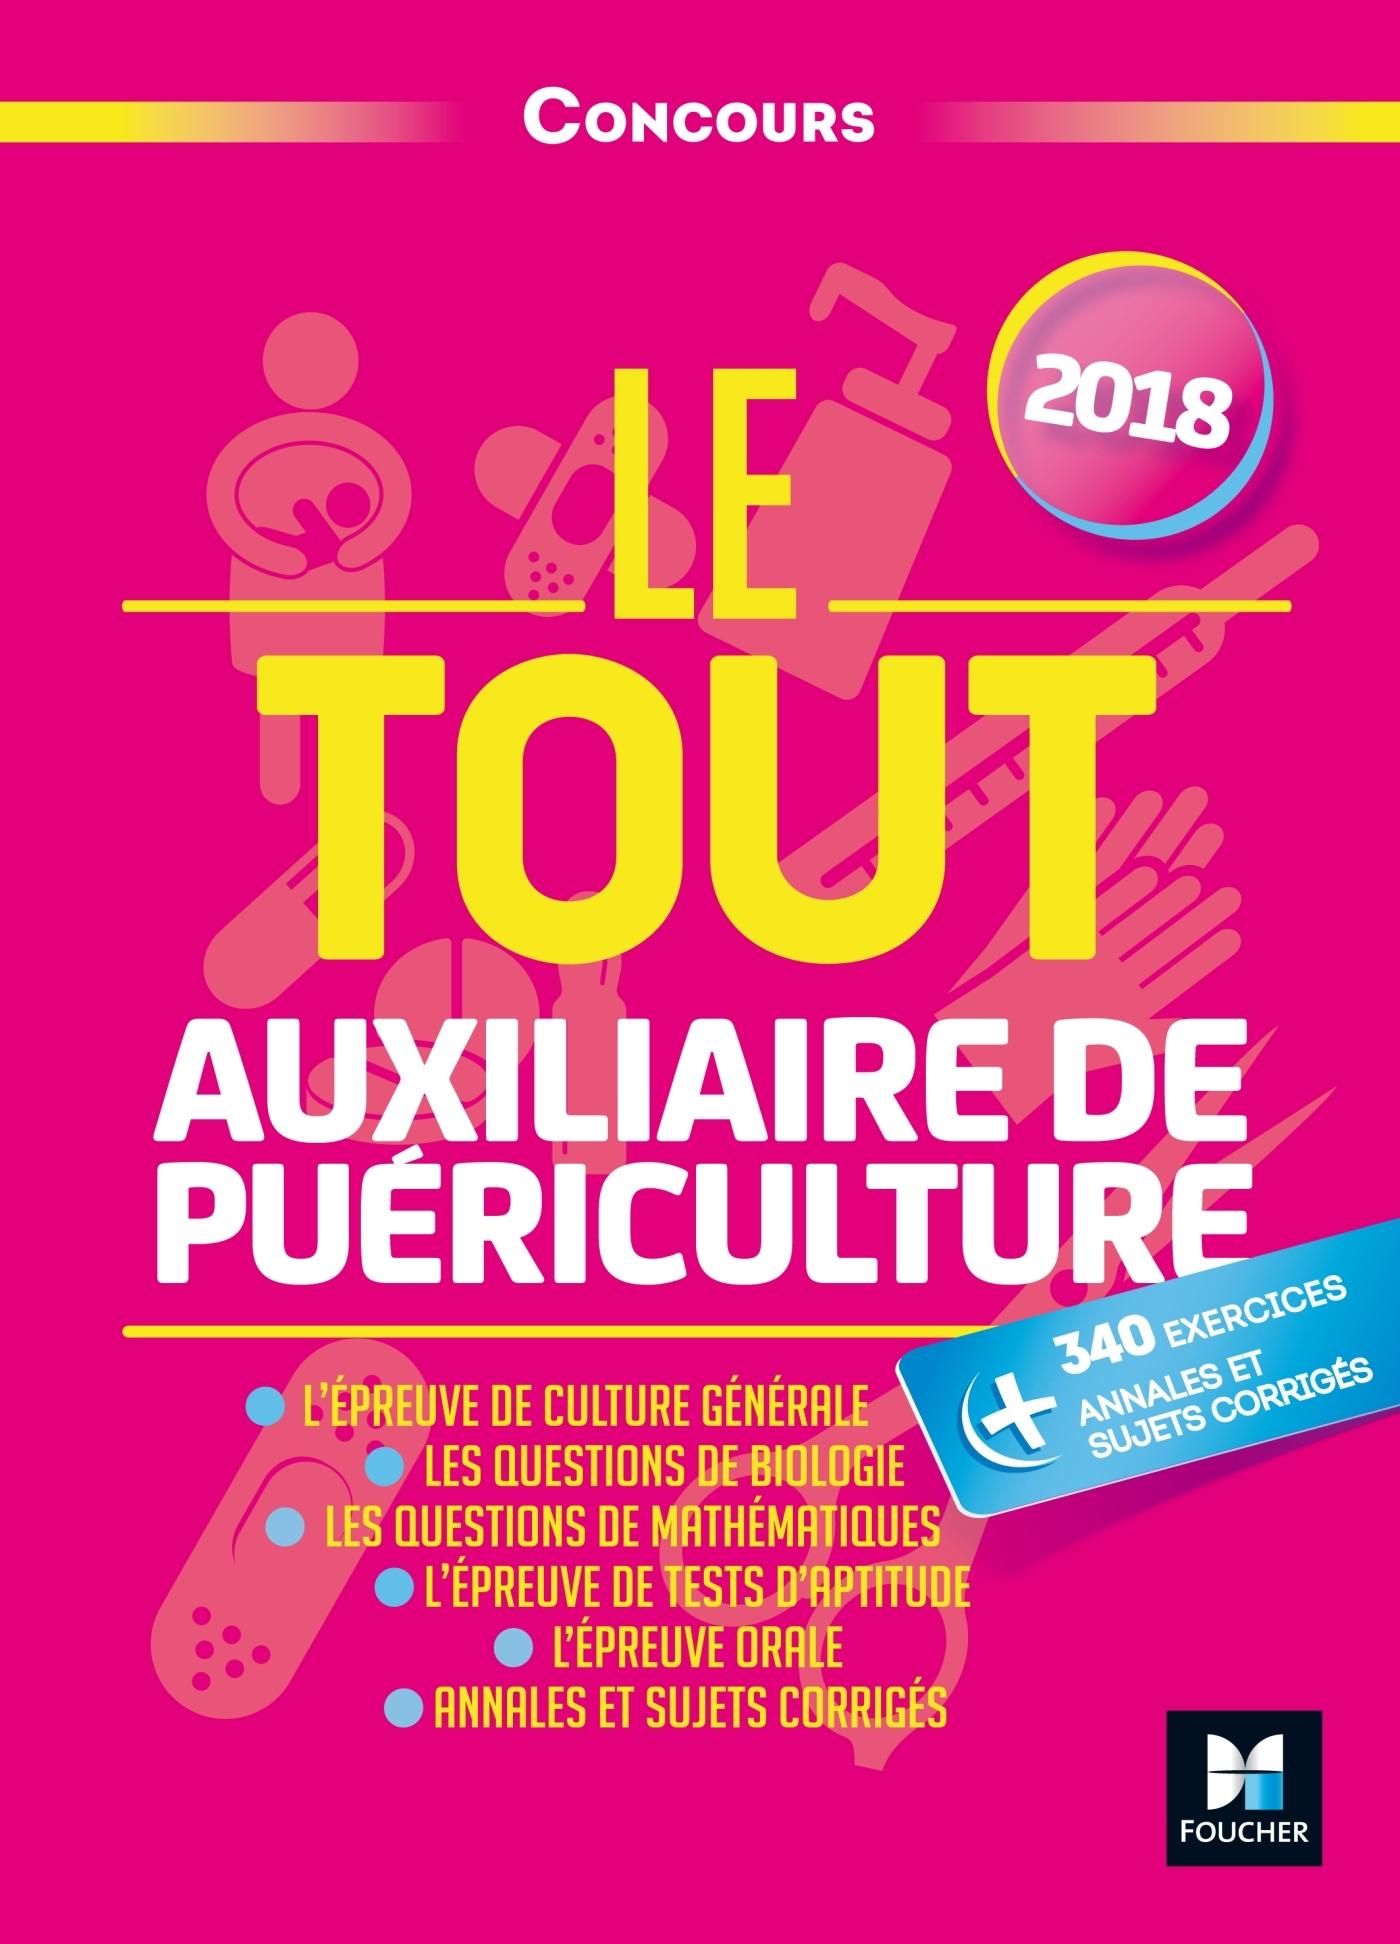 LE TOUT AUXILIAIRE DE PUERICULTURE - CONCOURS - 2018 - PREPARATION ULTRA-COMPLETE